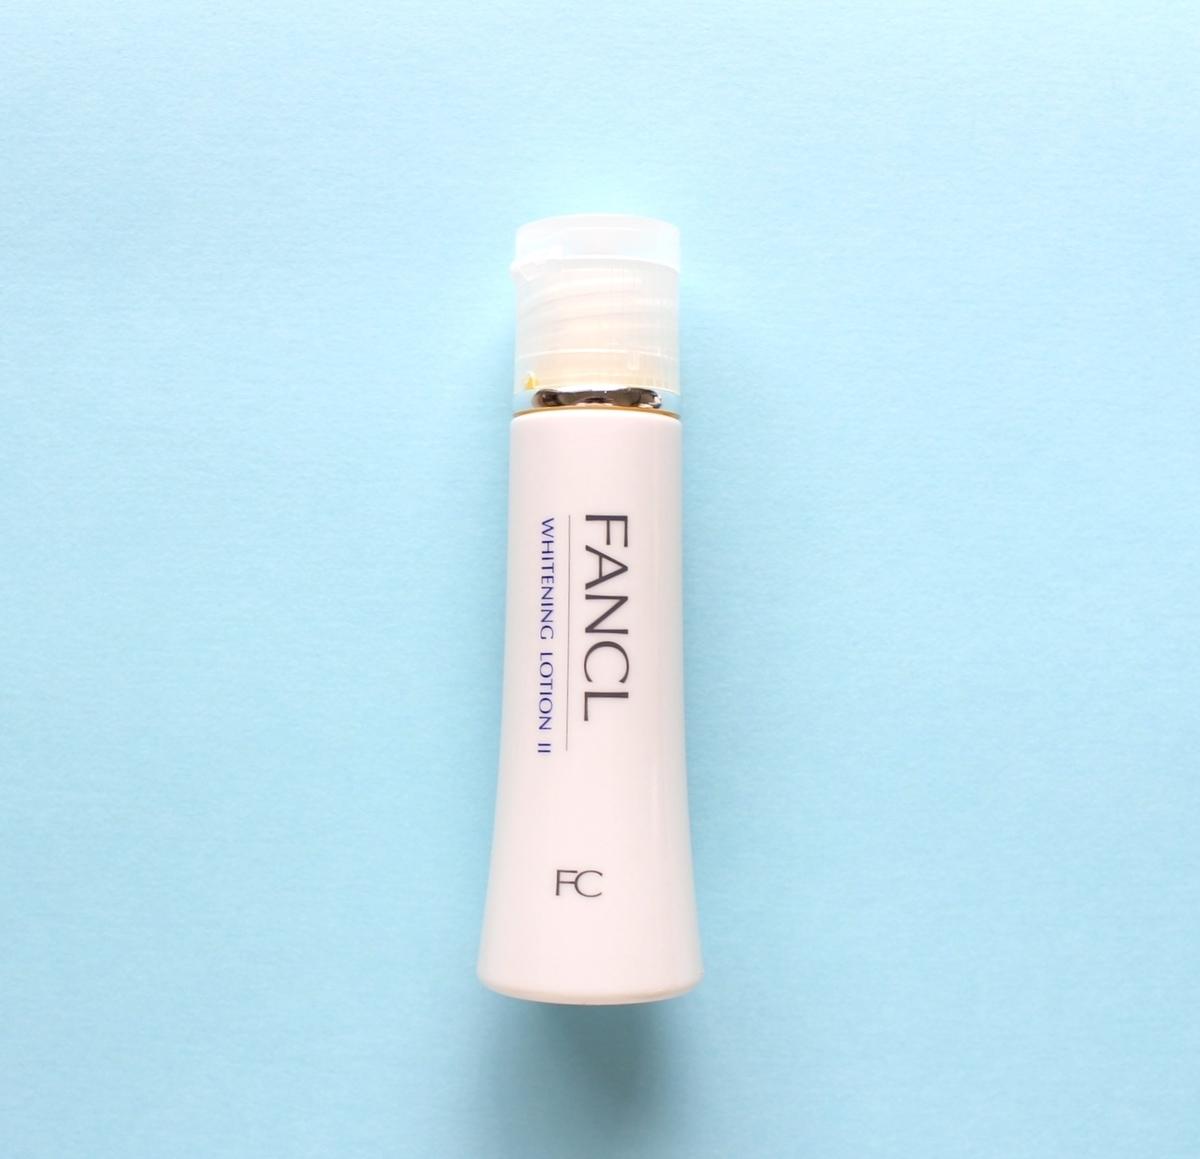 ファンケルのホワイトニング化粧水